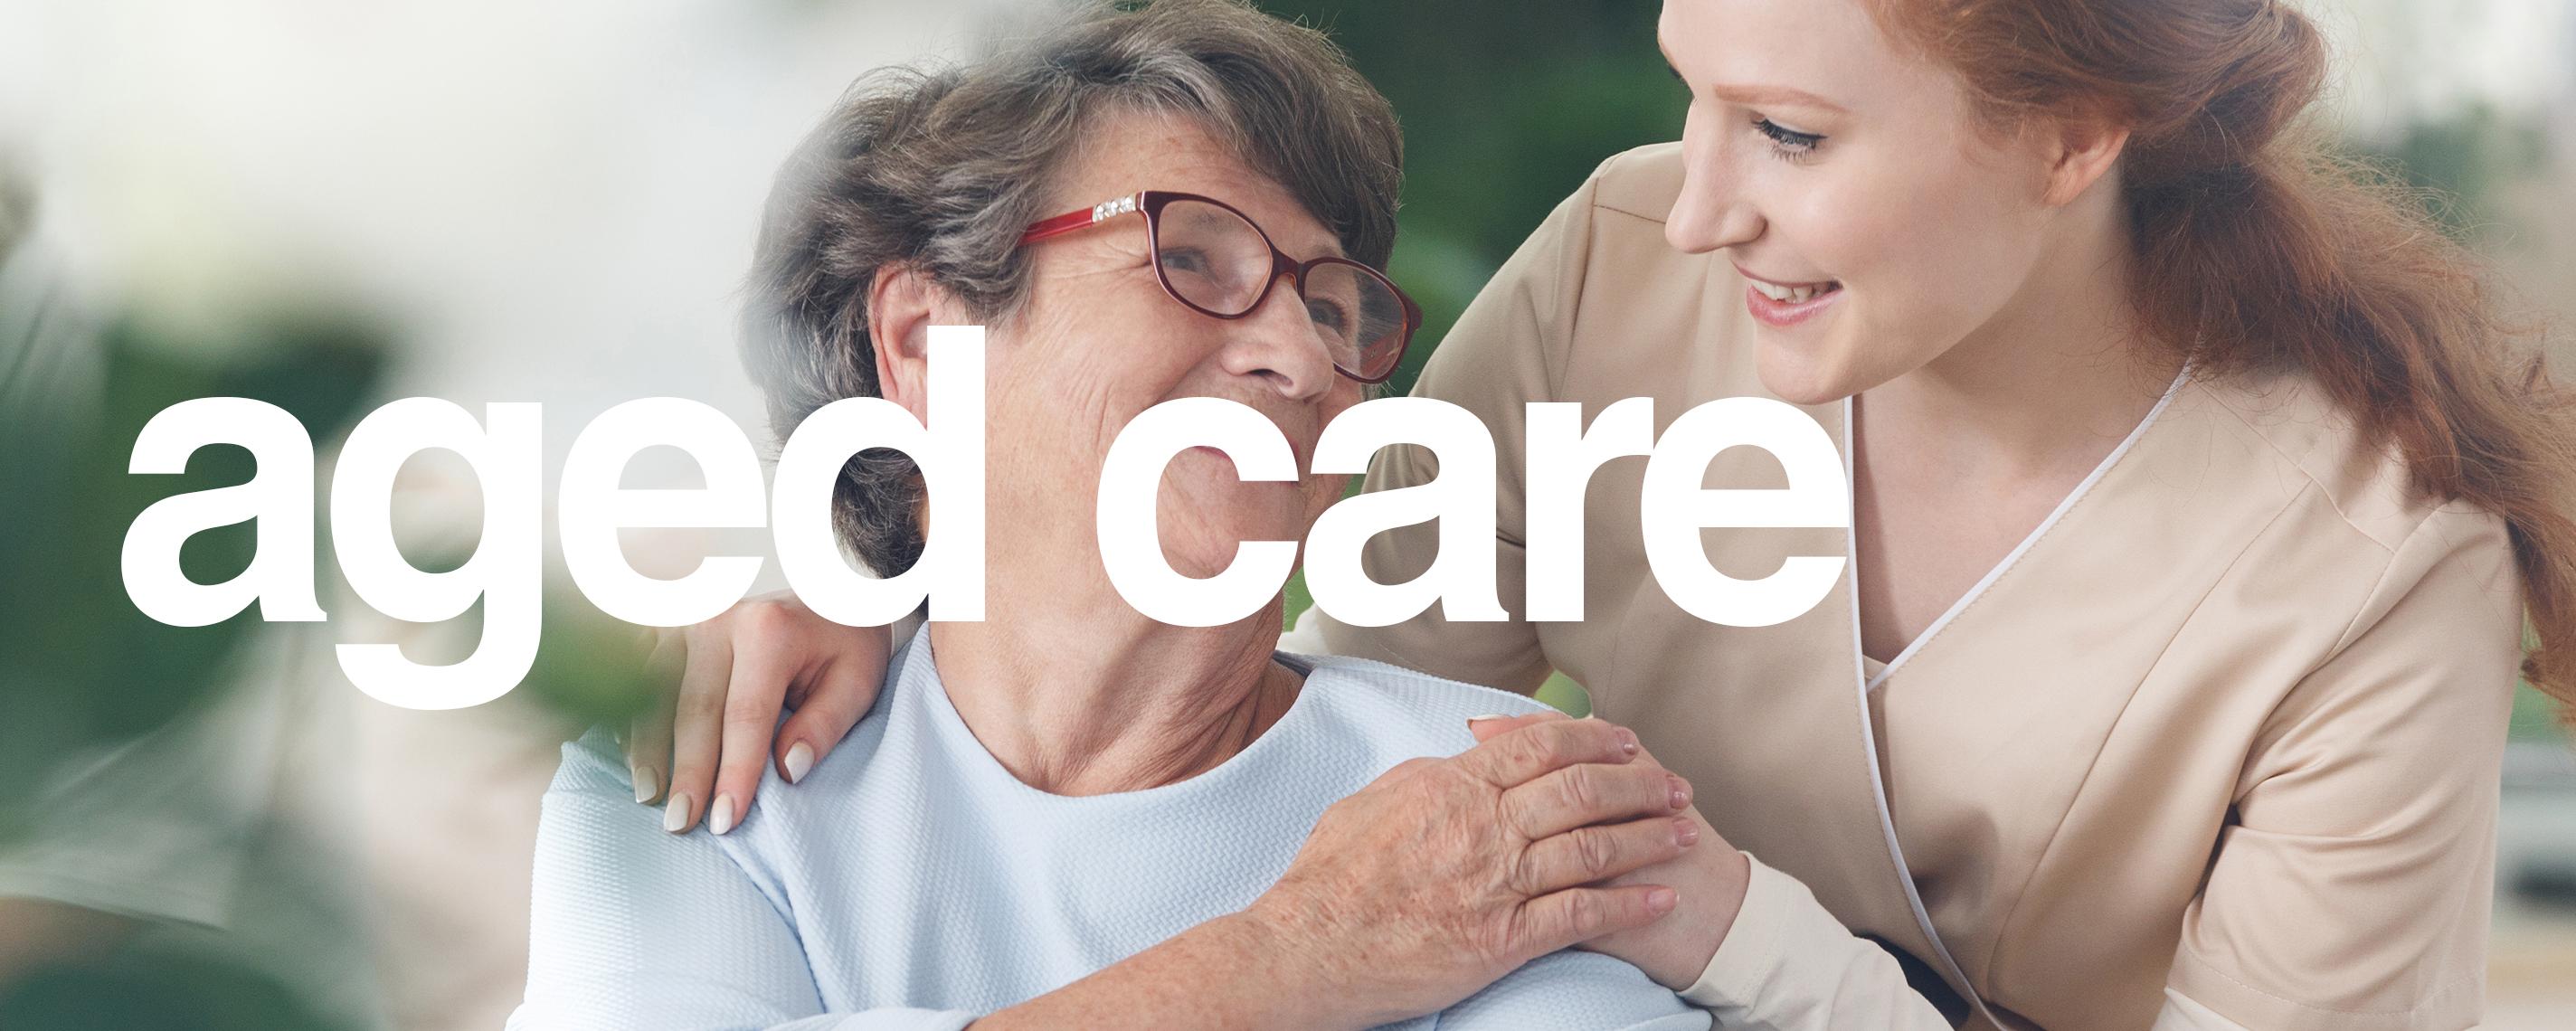 KFG-agedcare-banner